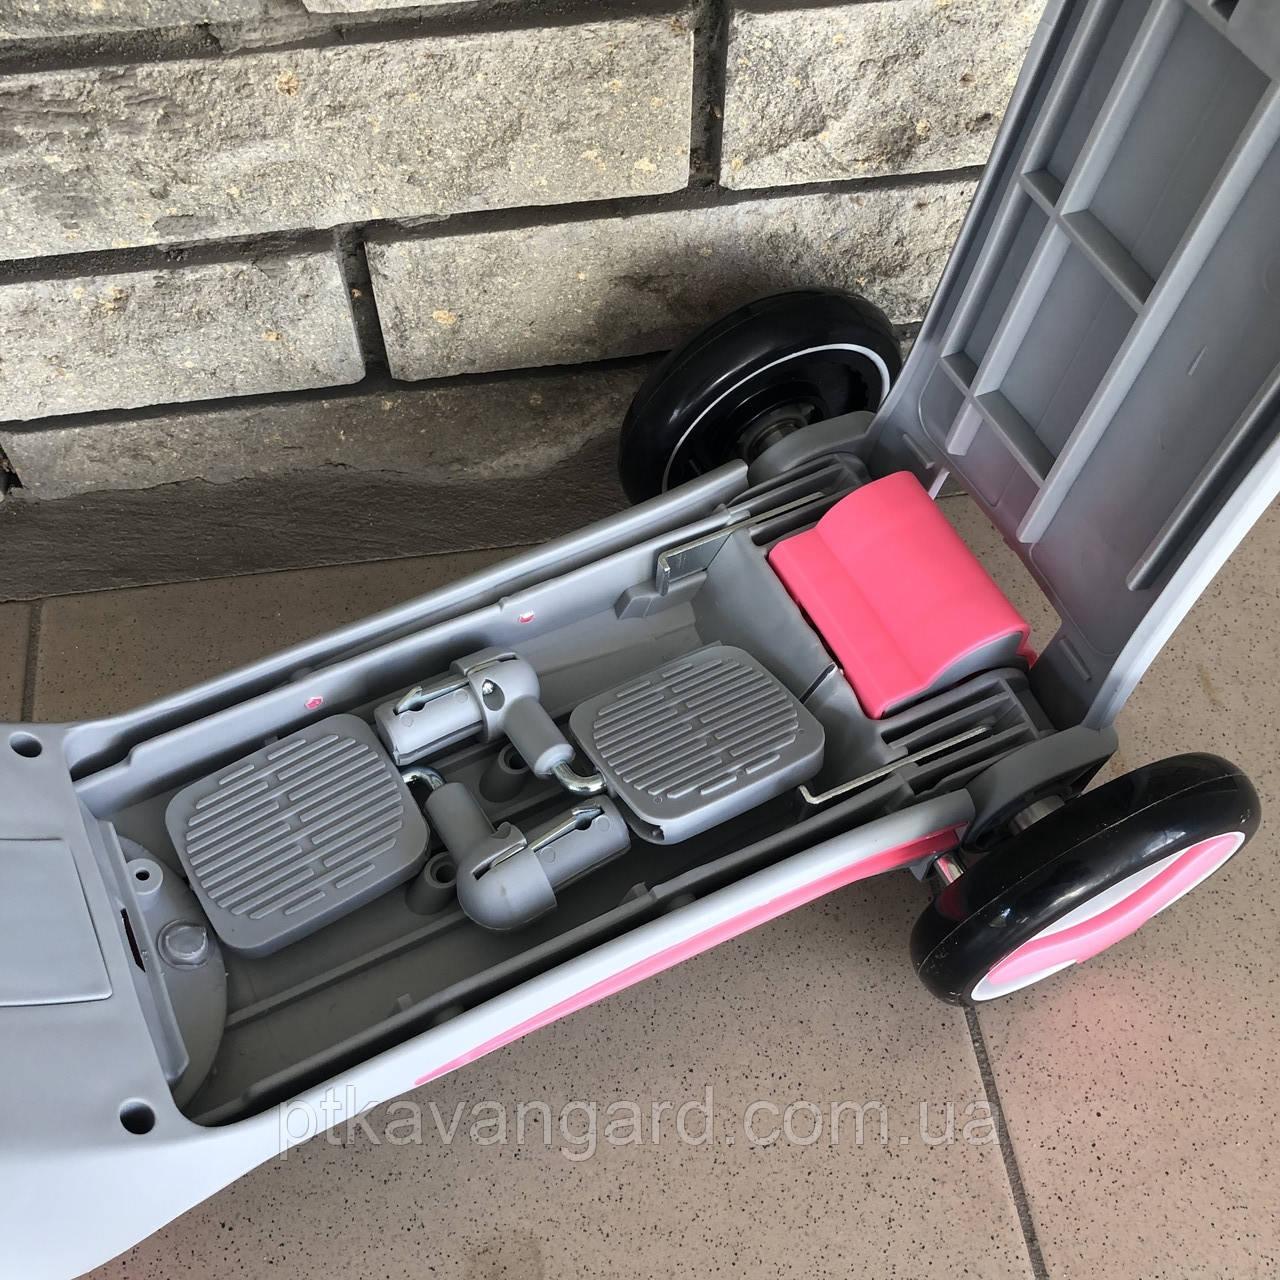 Велосипед триколісний Самокат Беговел 3 в 1 Сіро-рожевий трансформер музика підсвічування Best Scooter JT 90601, фото 6